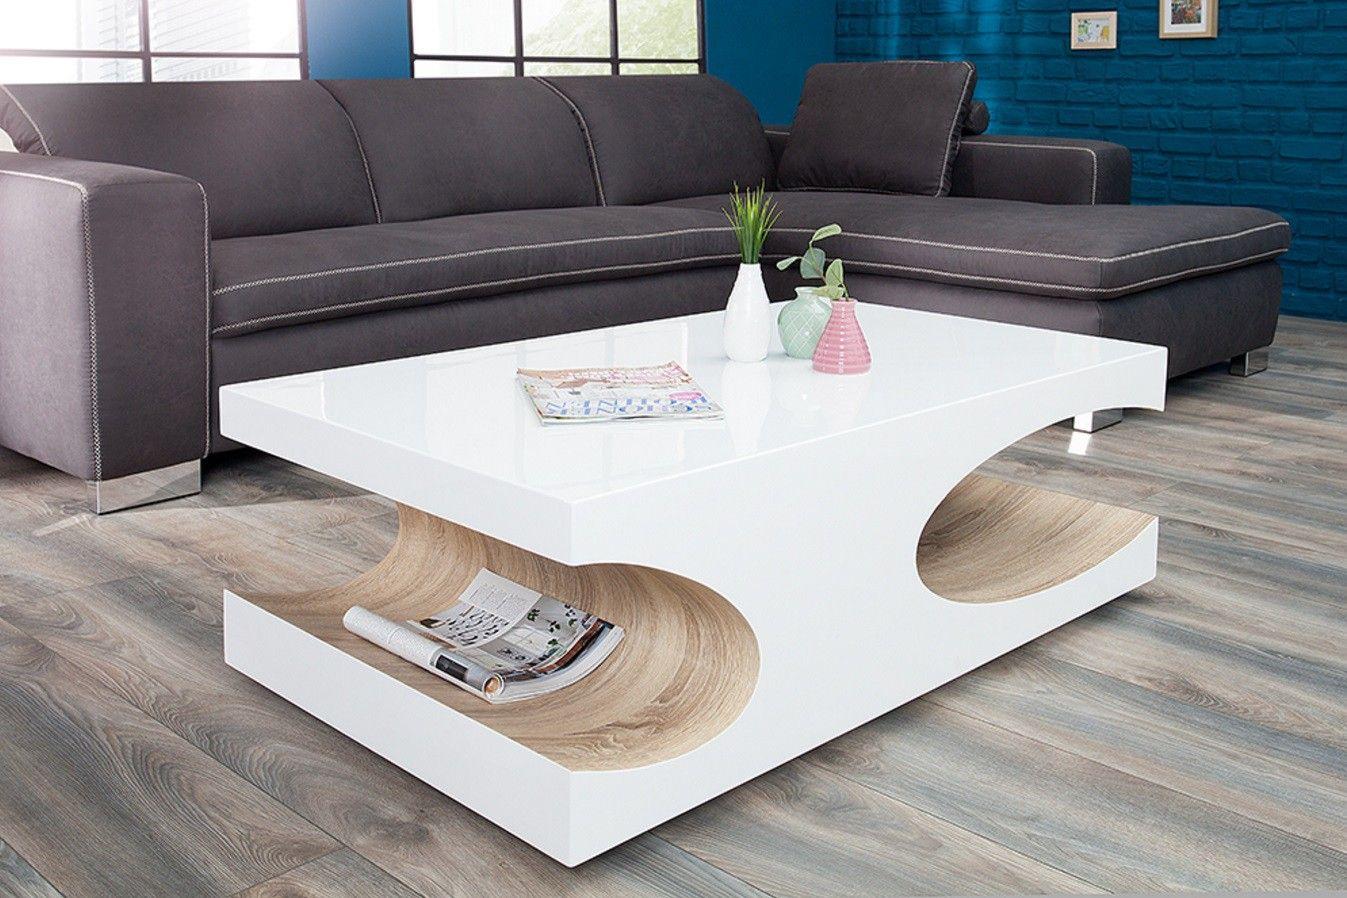 Table Basse Design Blanc Laque Bois Cubico 120 Cm Table Basse